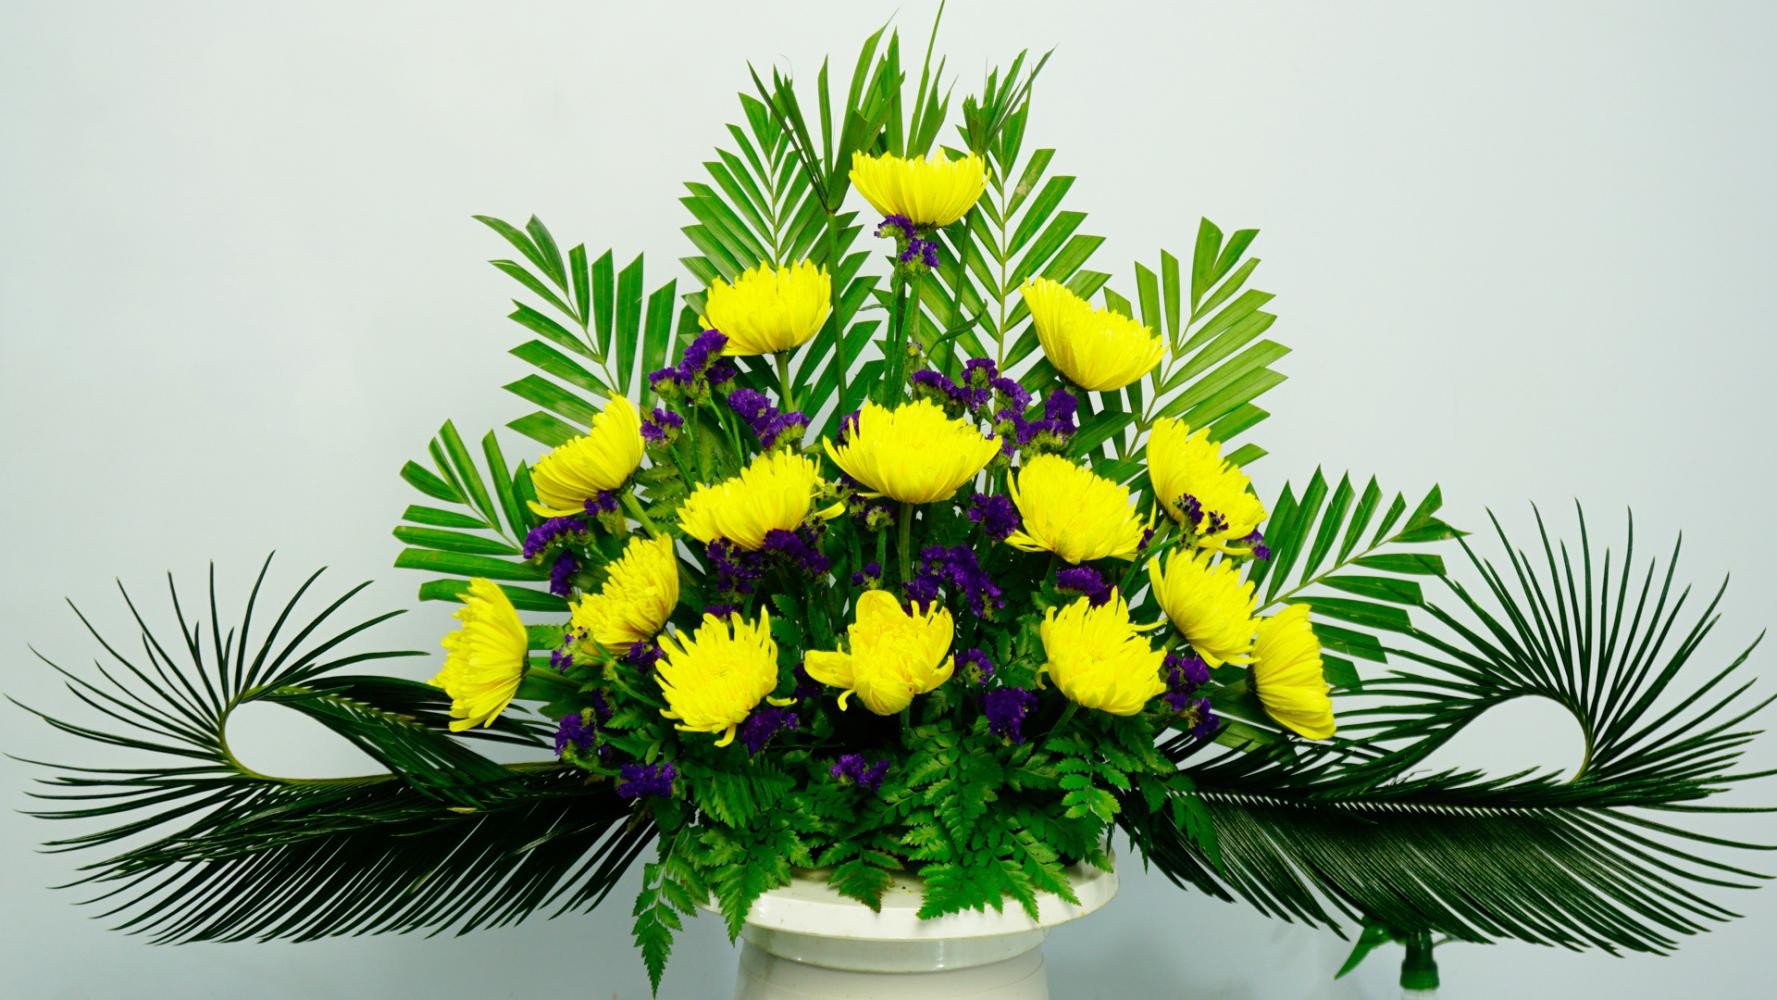 Ảnh cắm hoa bàn thờ đẹp bằng hoa cúc vàng